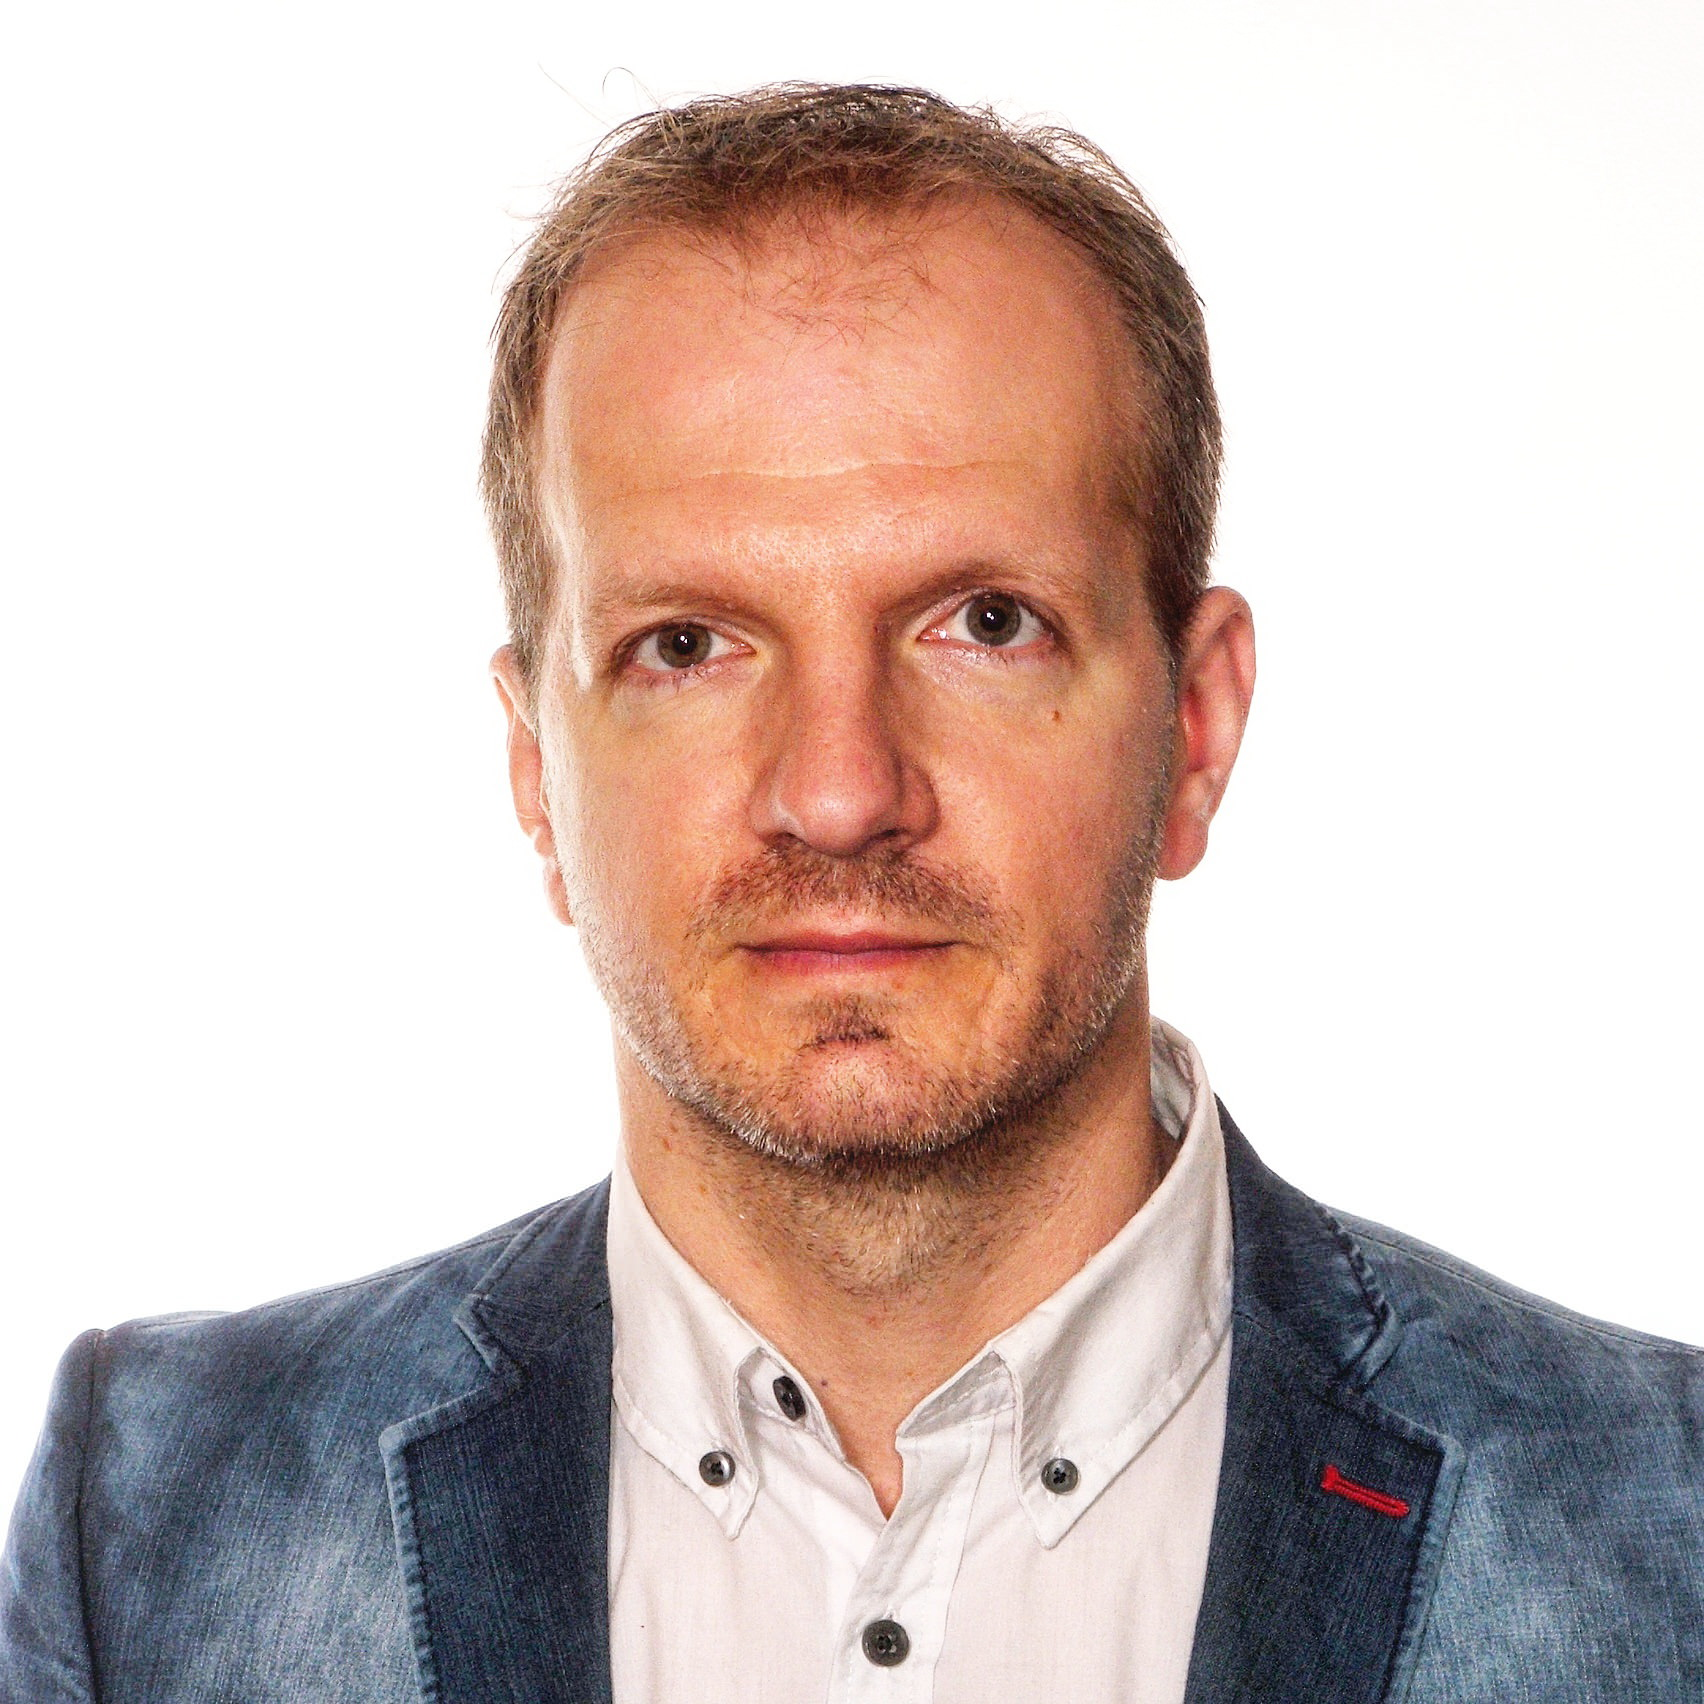 Kenyeres Attila Zoltán: A dokumentumfilmekből történő tanulás szerepe a kulturális közfoglalkoztatottak televíziós aktivitásaiban